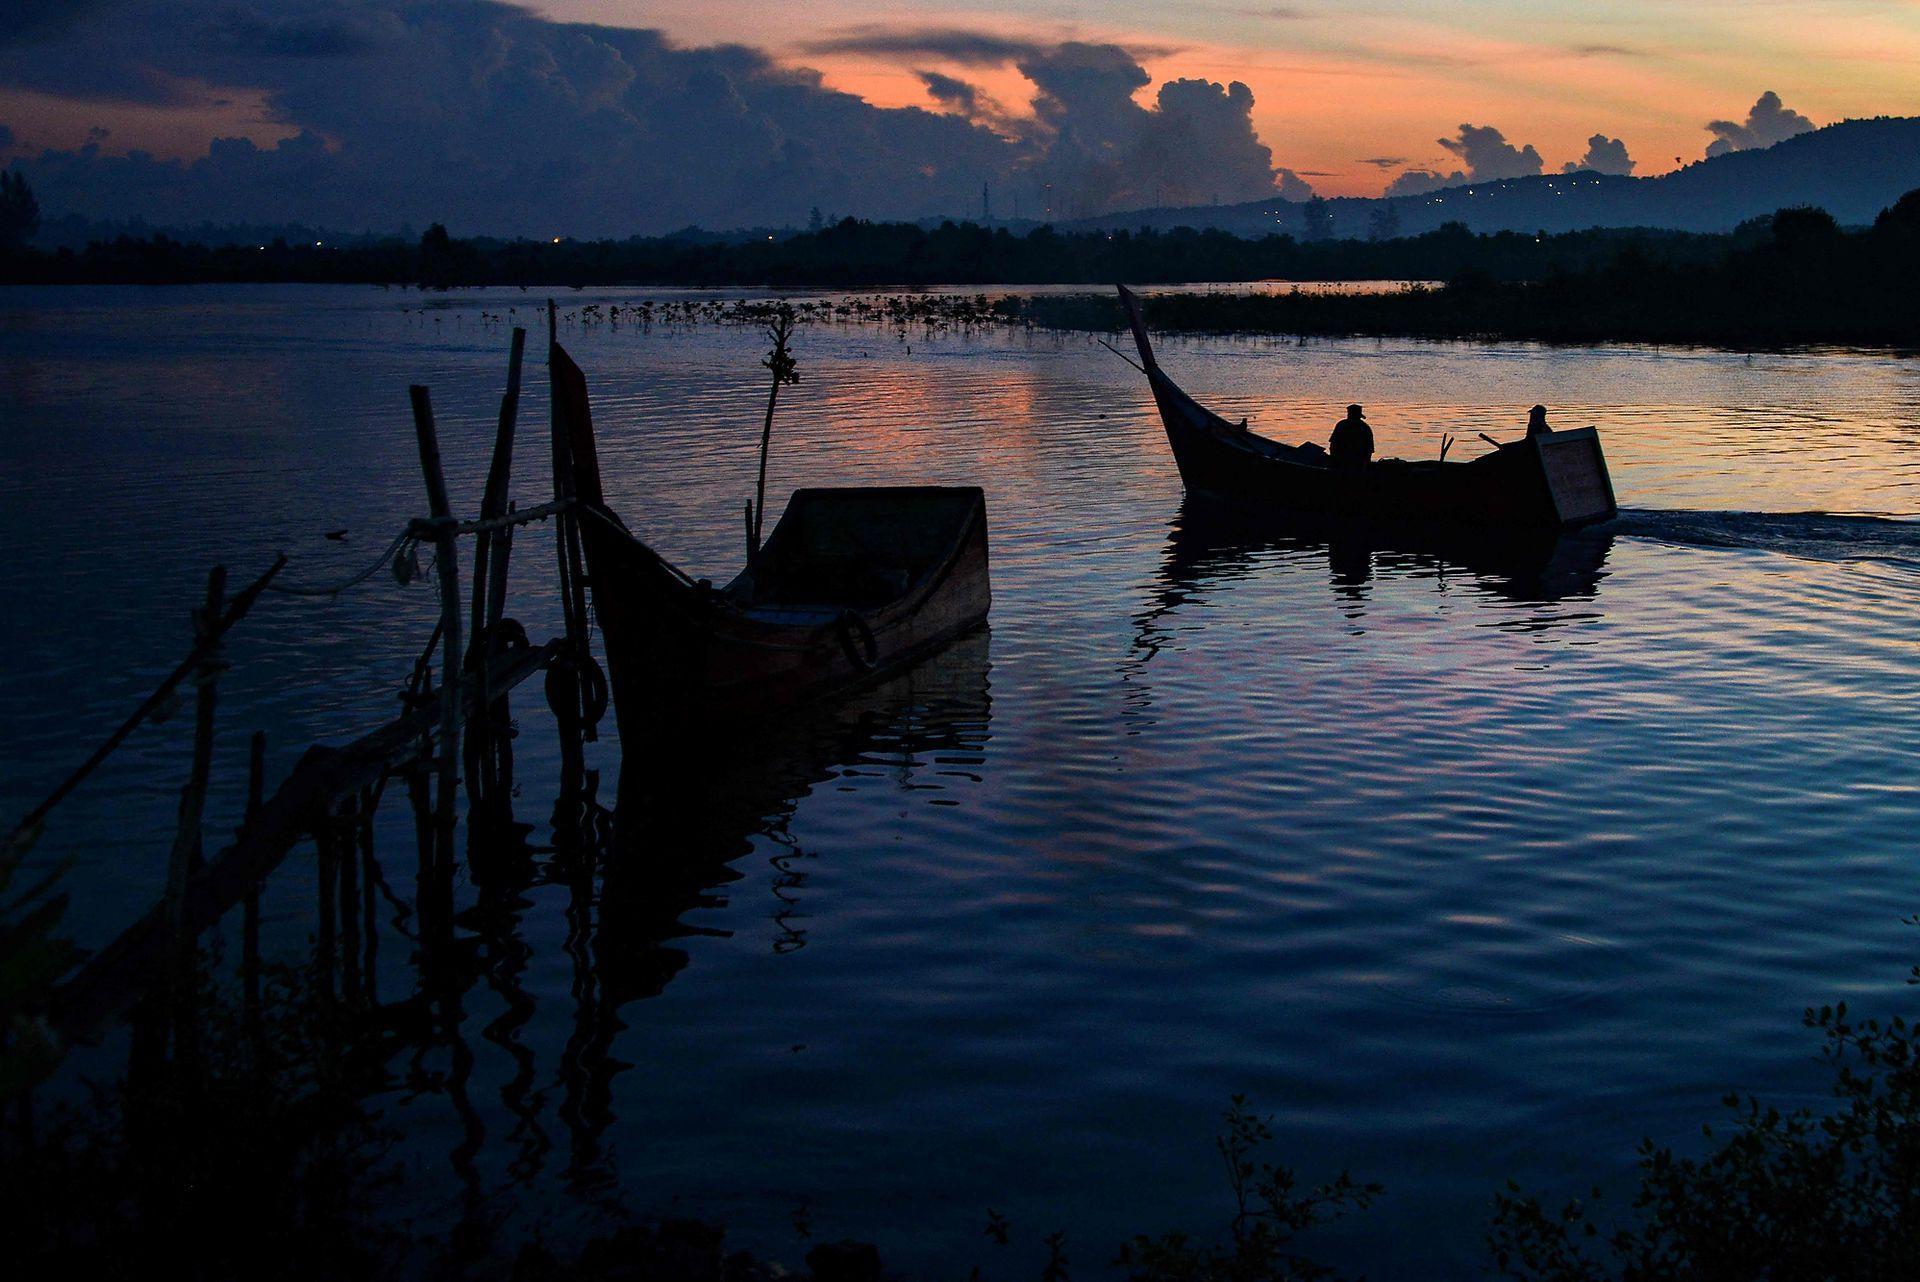 Las zonas de pesca están complicando la vida de quienes viven de ese recurso, cada vez hay más zonas con aguas contaminadas y escasean los peces